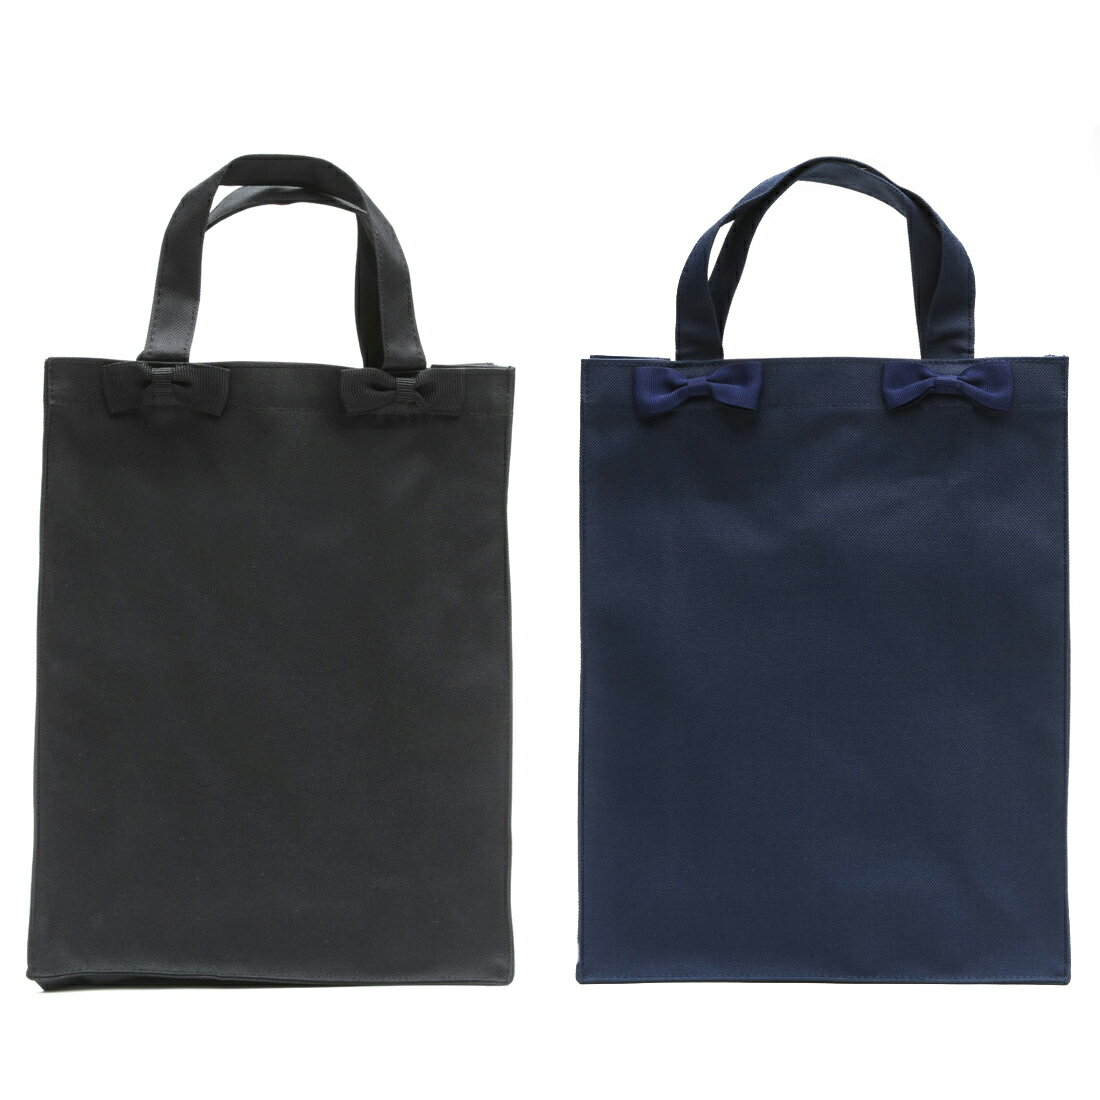 お受験 バッグ 【縦型】リボン サブバッグ【Mサイズ】【紺/黒】お受験/面接/学校説明会/フォーマル【あす楽】